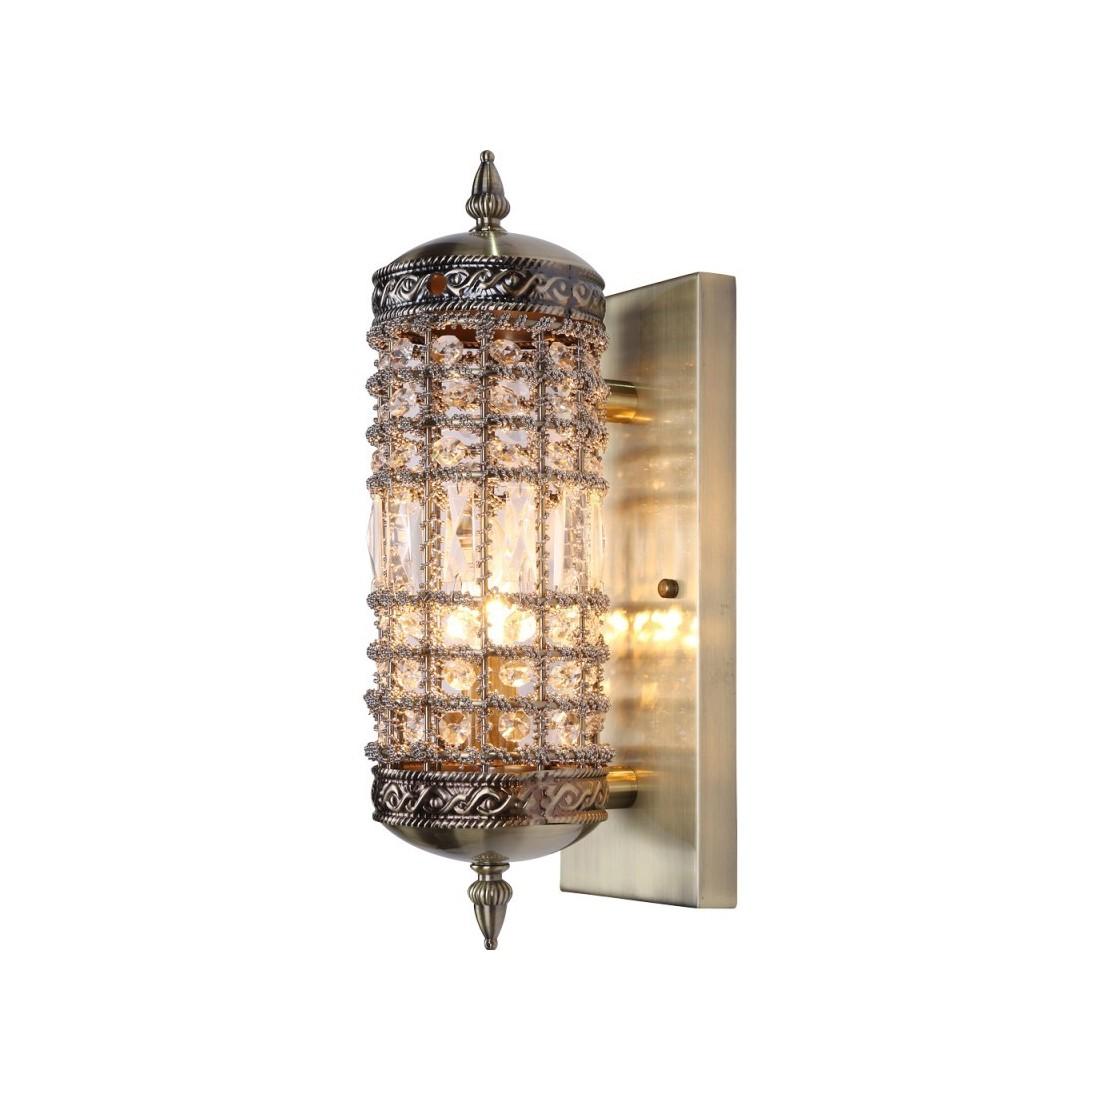 Artelore - Argo nástěnná lampa